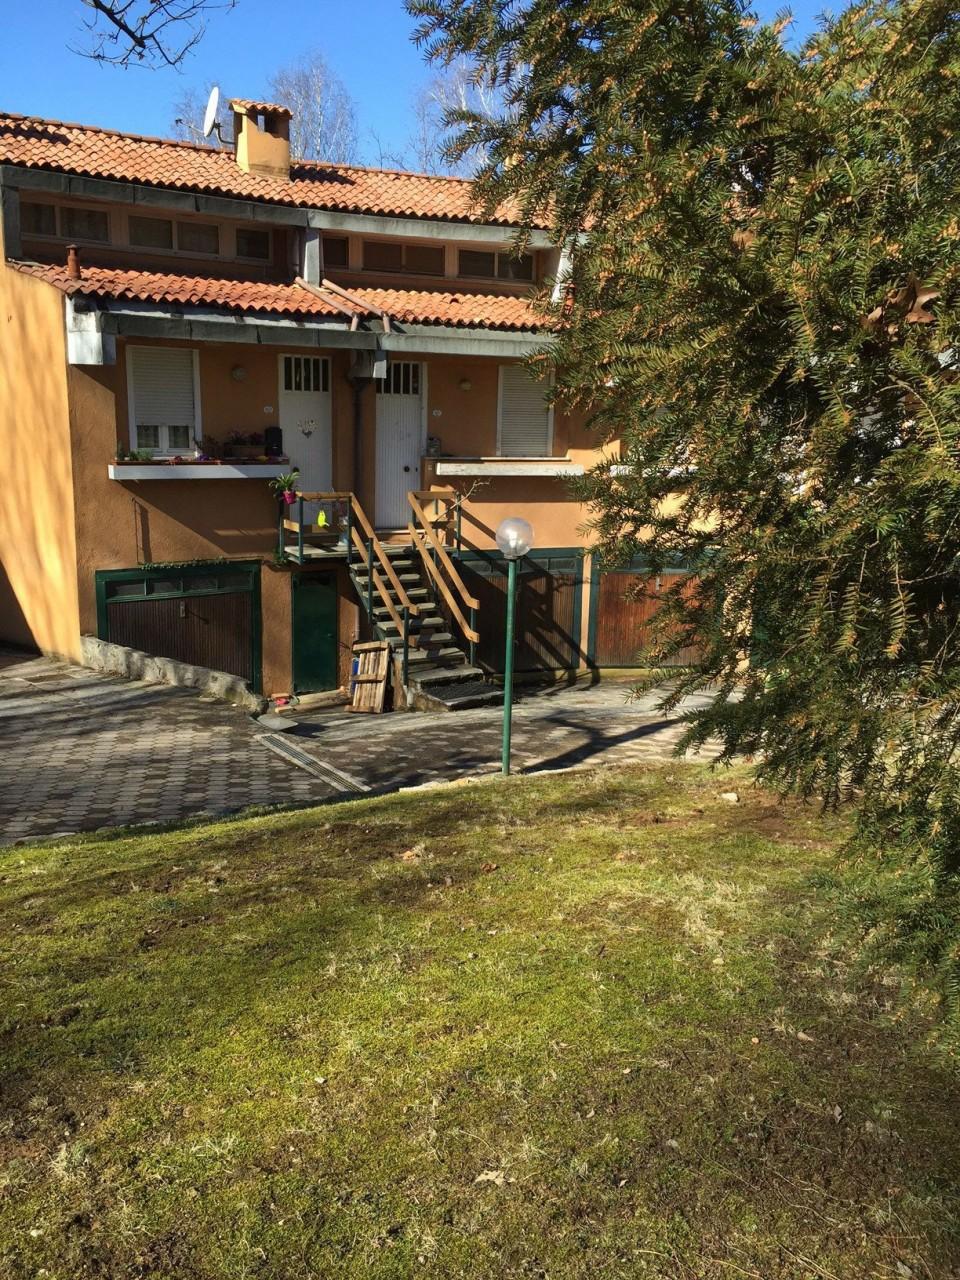 Villa a Schiera in vendita a Venegono Superiore, 3 locali, prezzo € 110.000 | CambioCasa.it